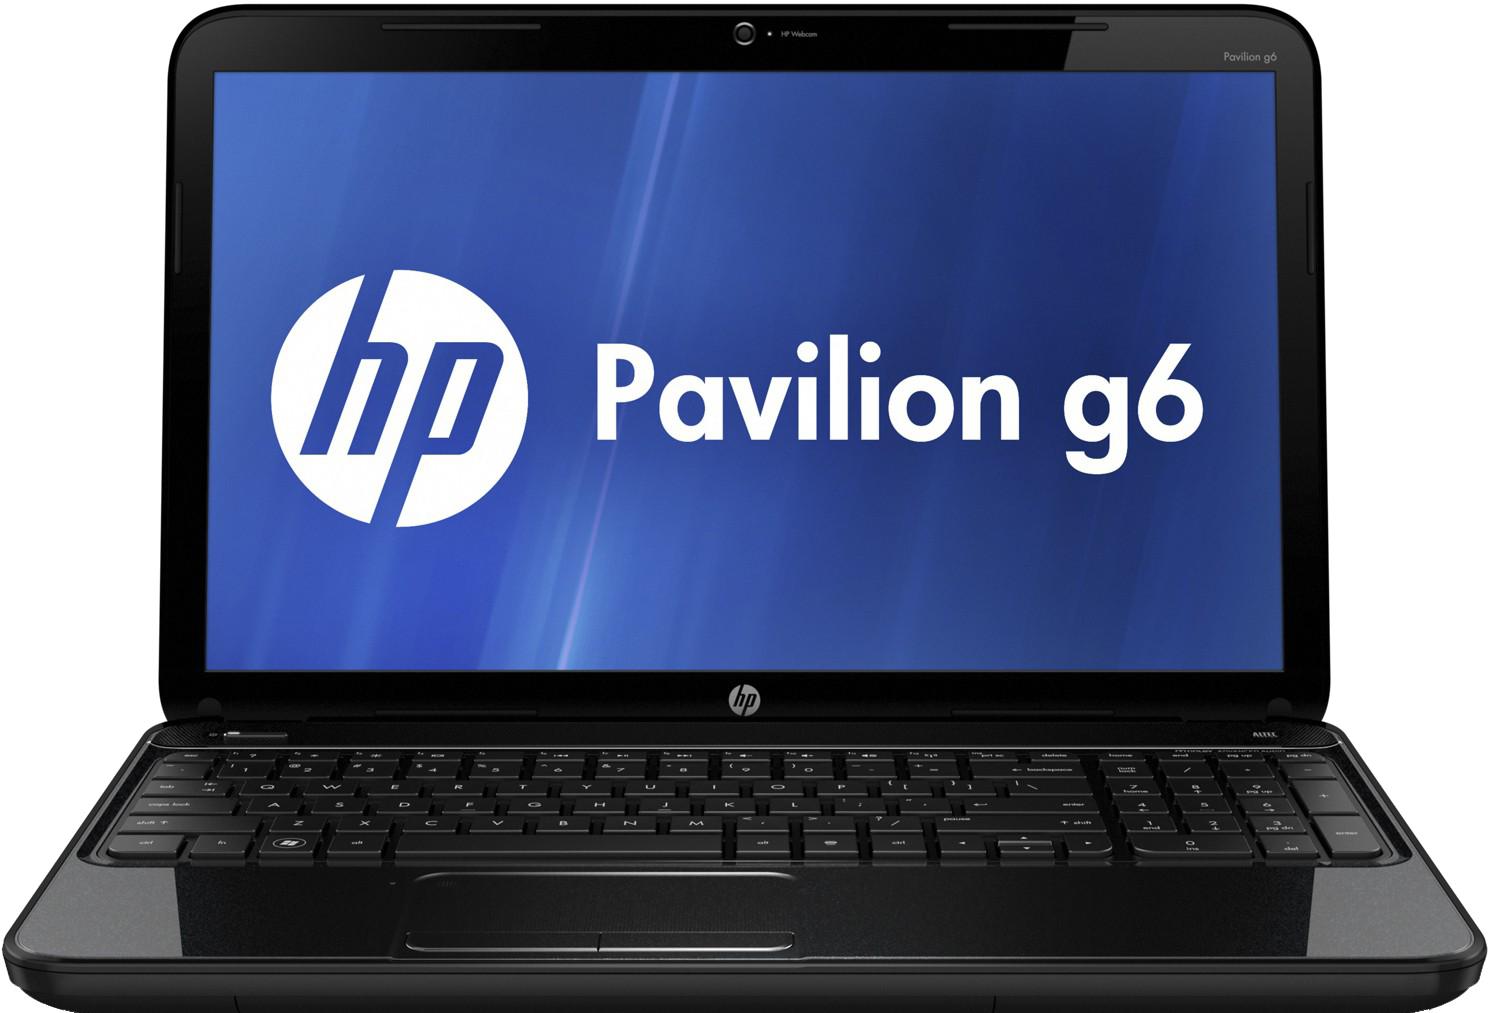 hp pavilion g6 rt3290 скачать драйвера на видеокарту